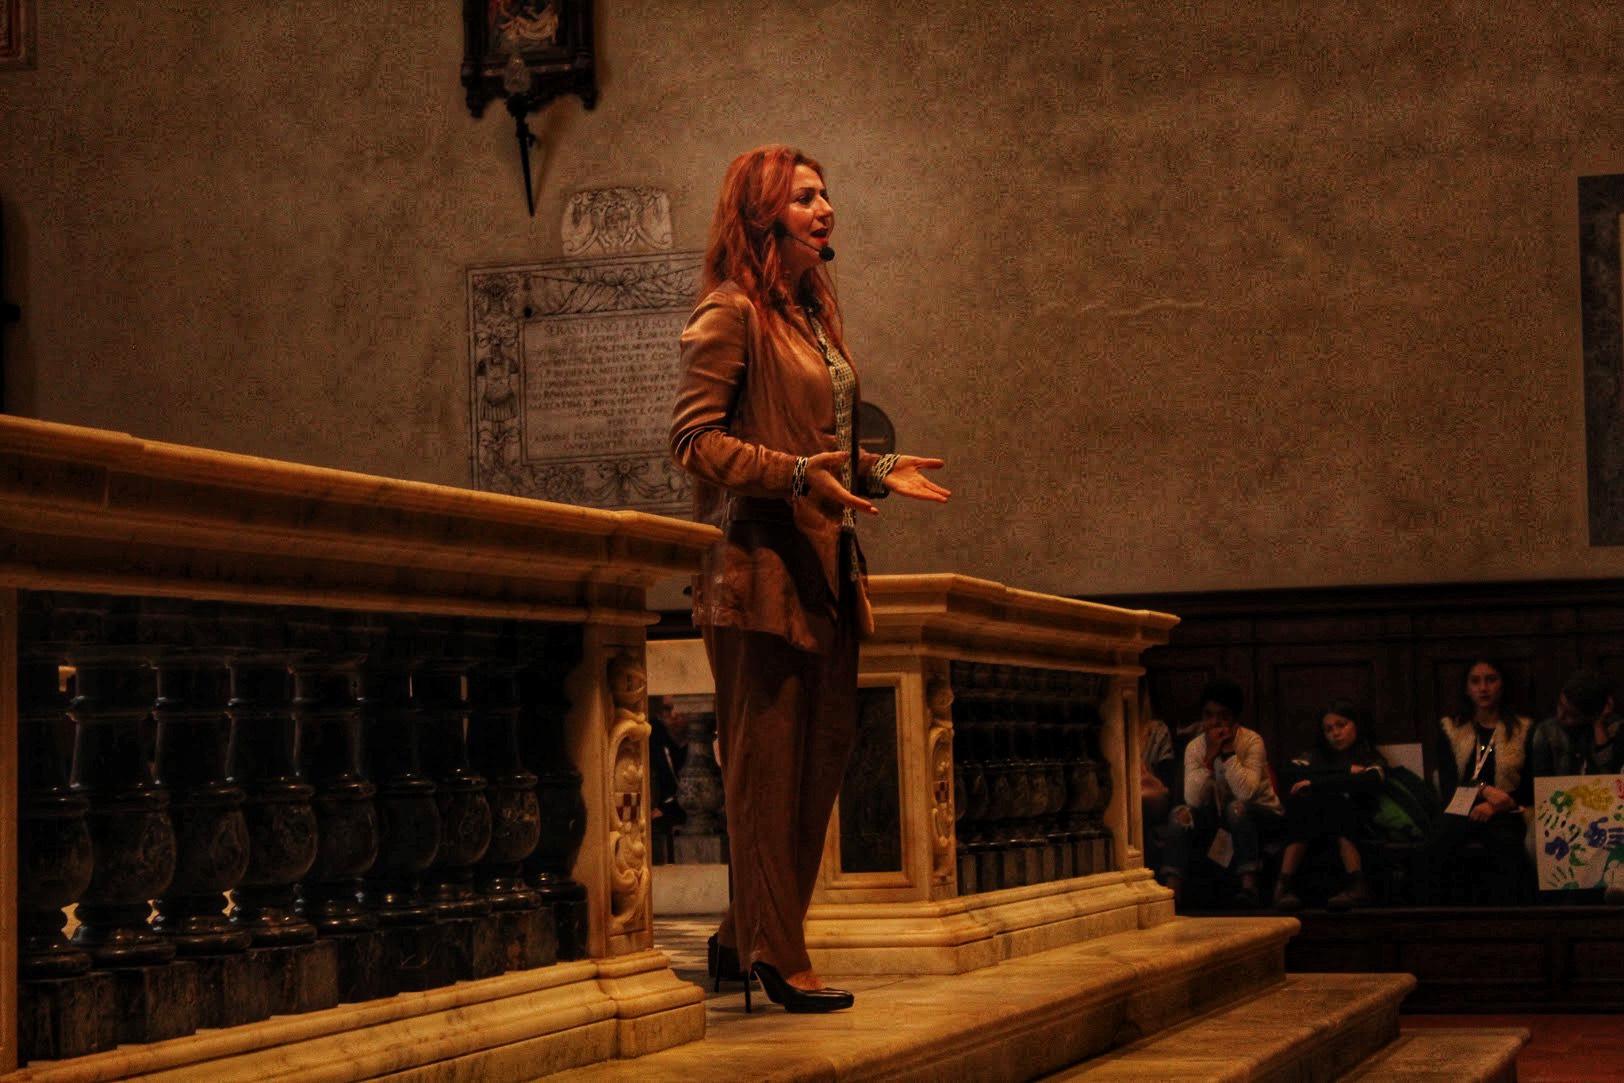 Ci vediamo venerdì a Trieste, e sabato a Milano per Bookcity! L'evento a Lucca organizzato dal Miur è stato bello (ho fatto il monologo in una chiesa!)